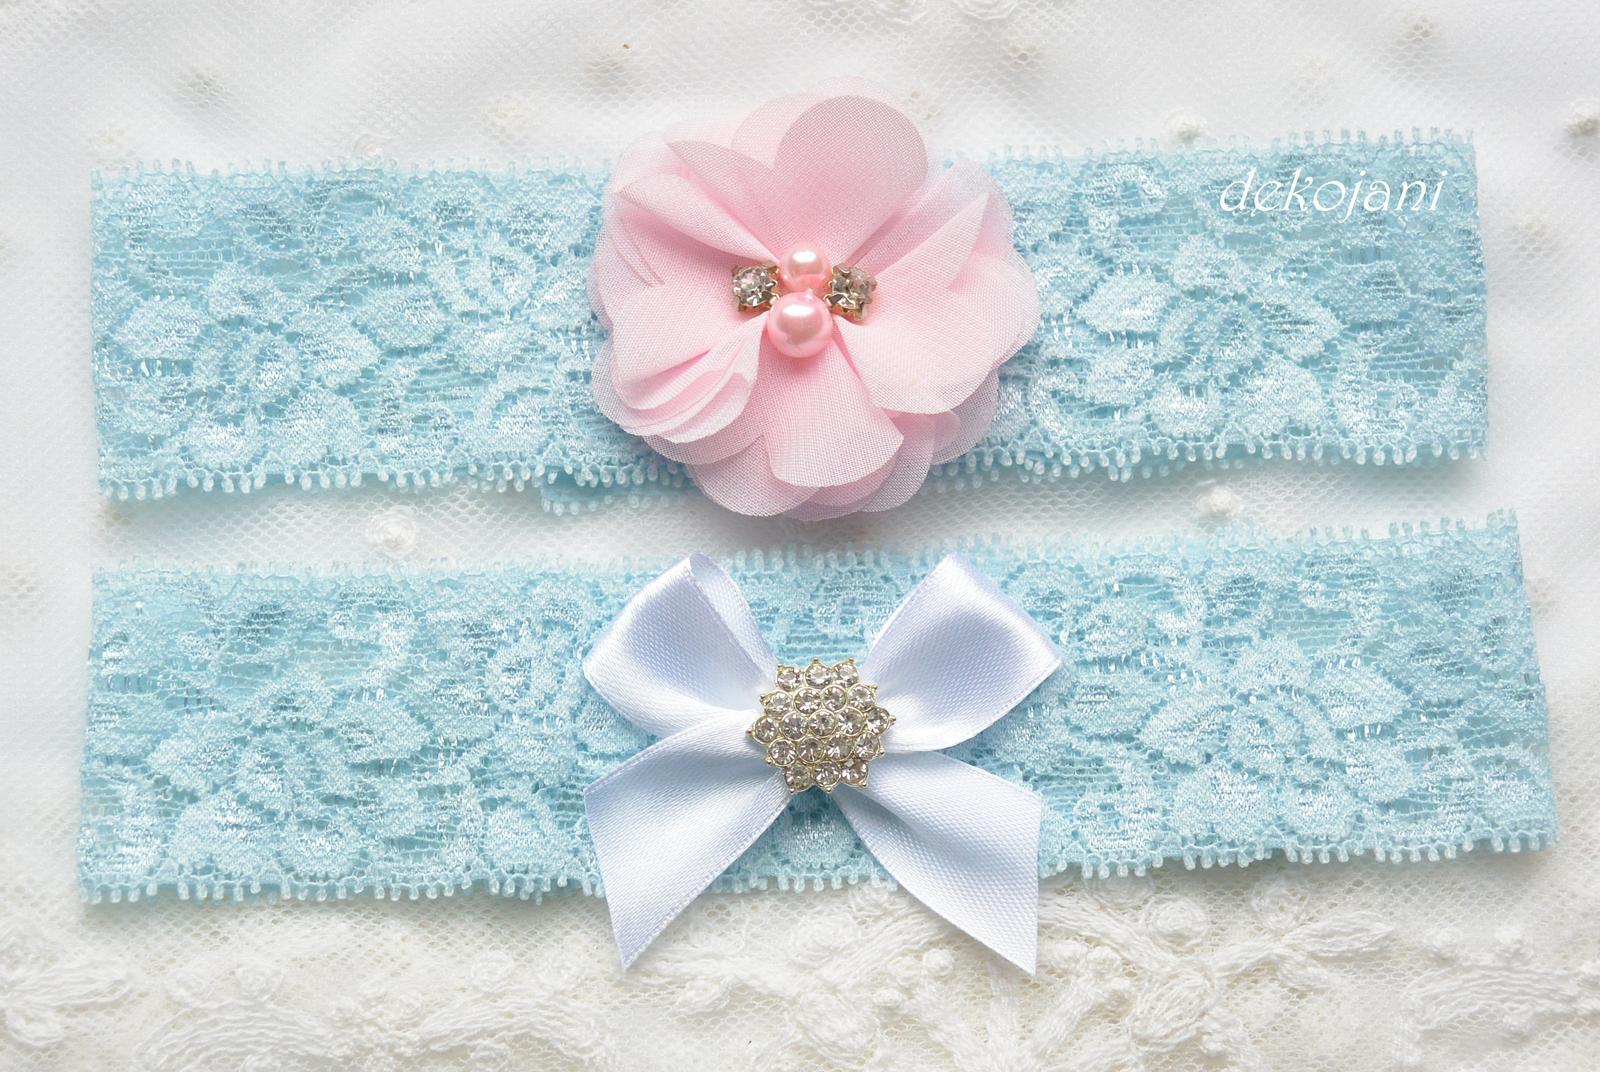 Luxusní svatební doplňky a dekorace. - Obrázek č. 29